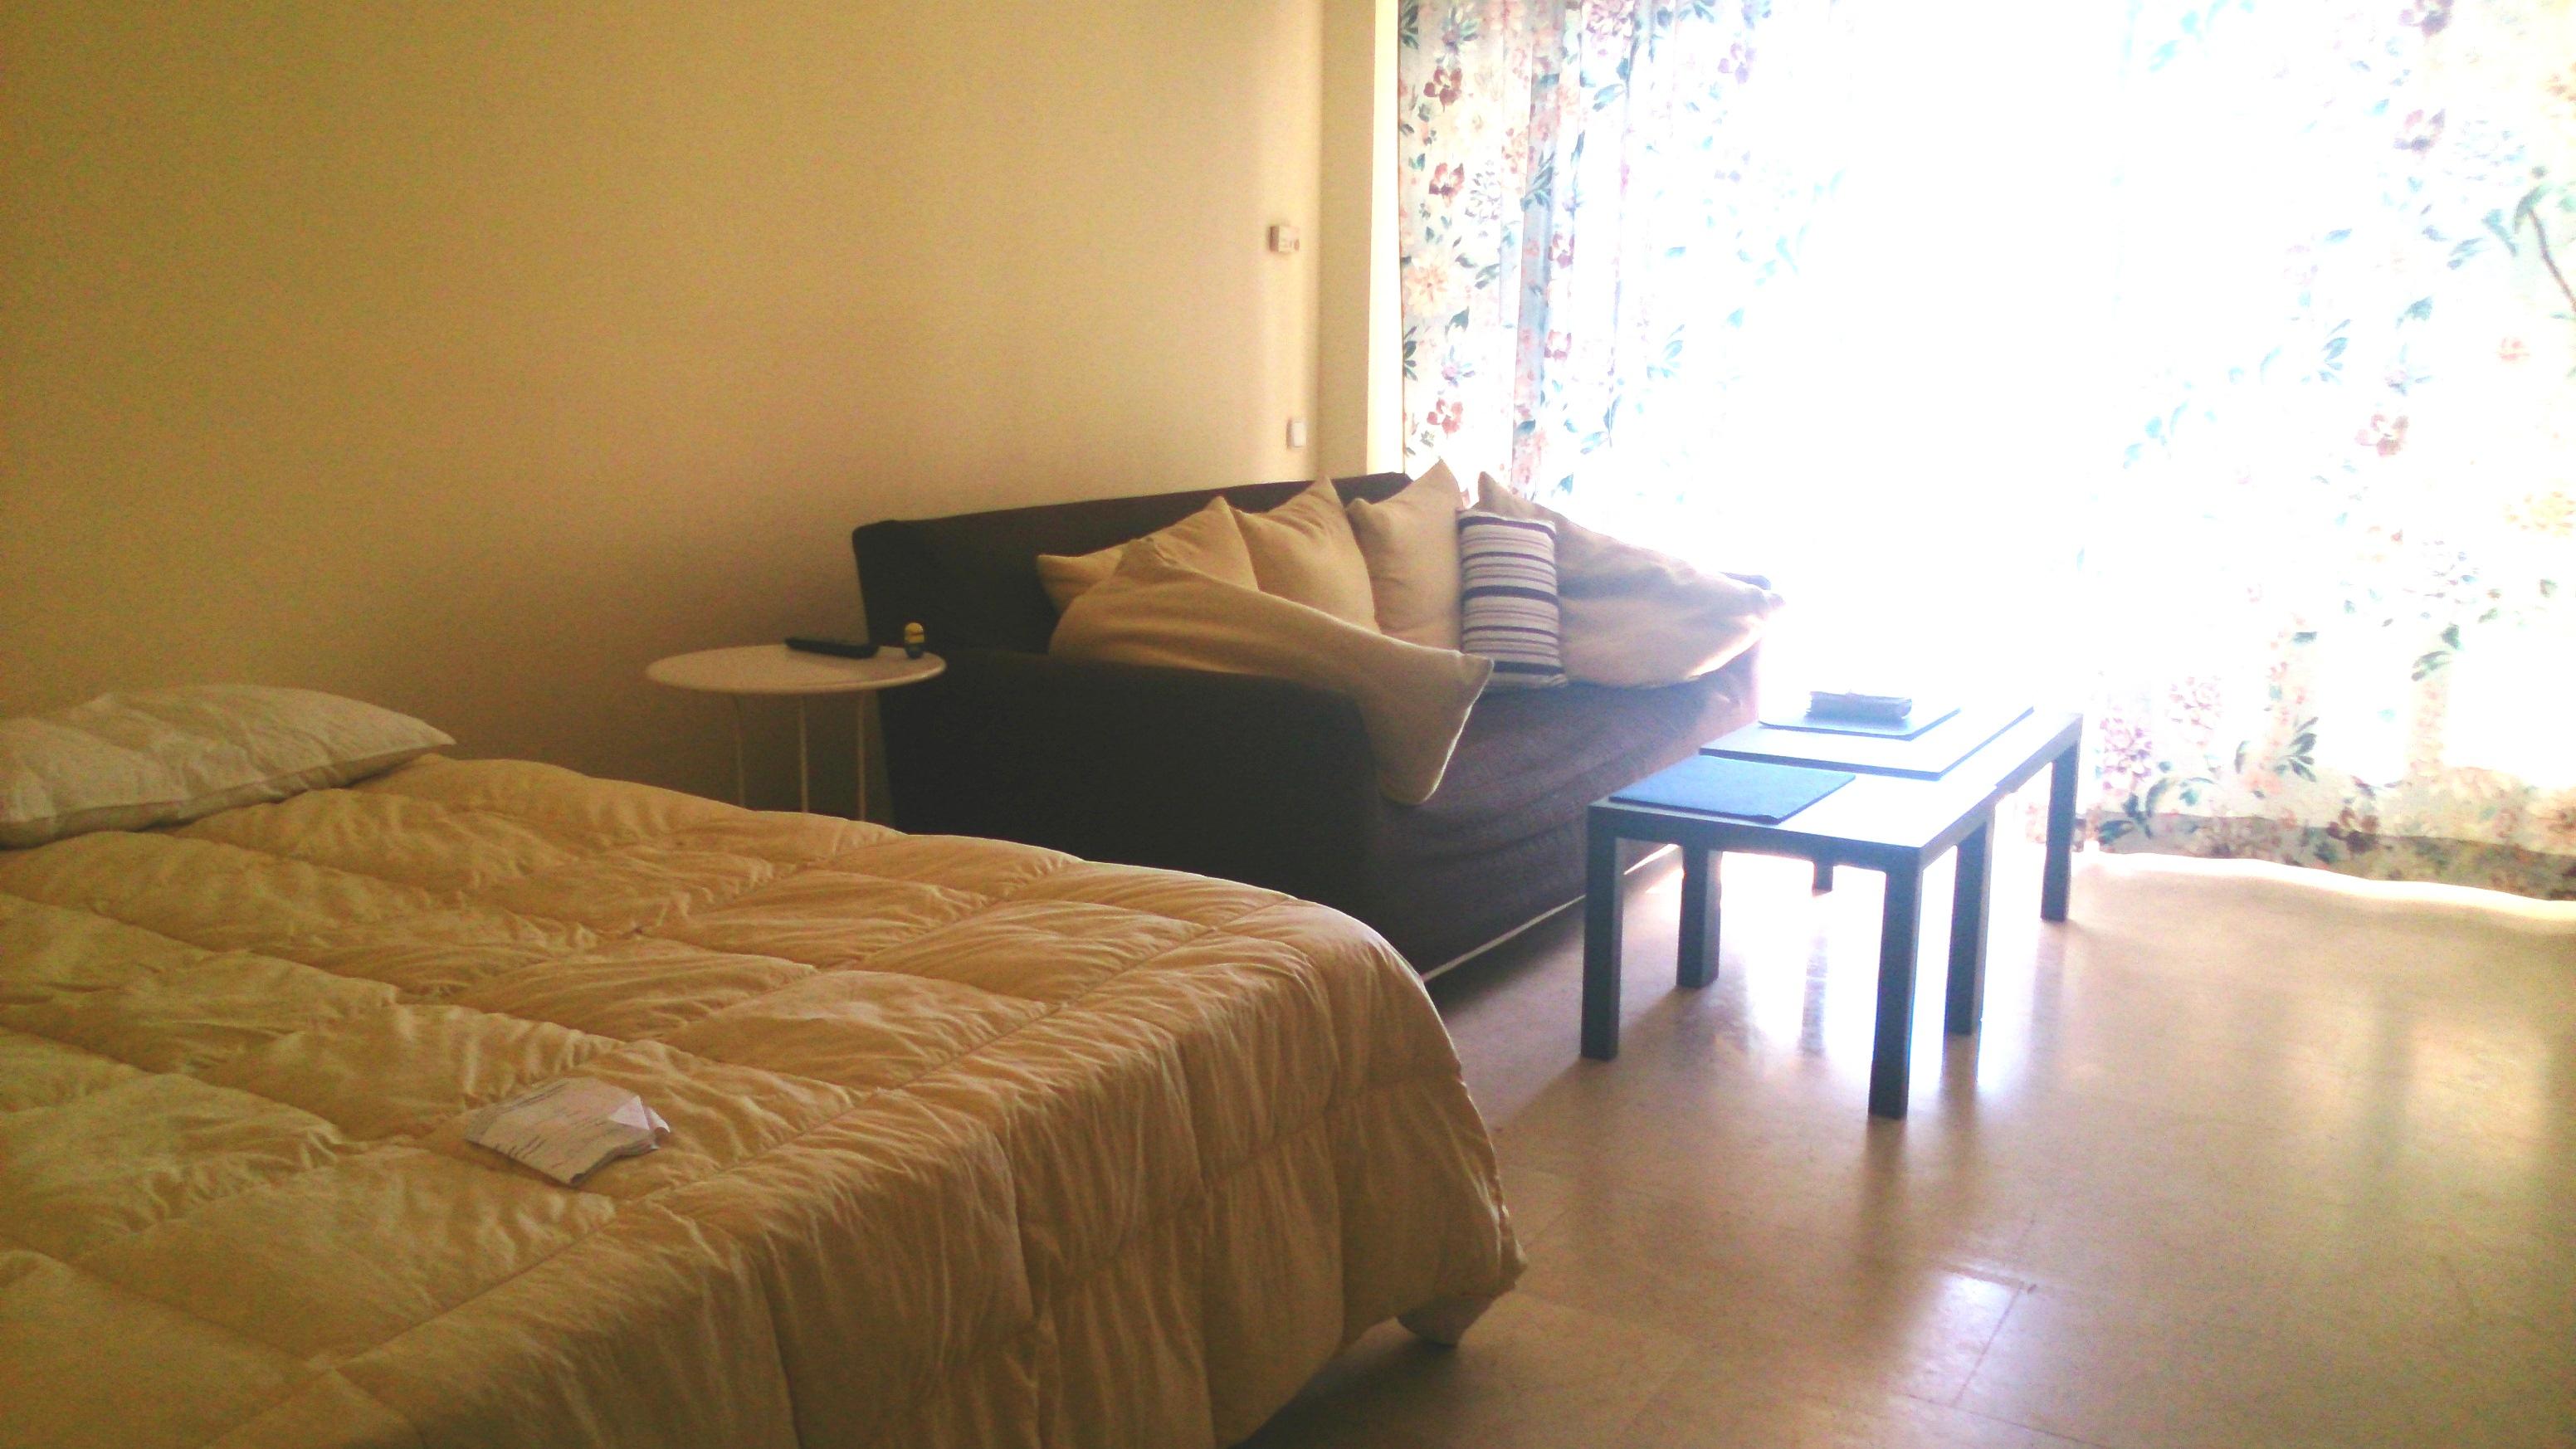 Studio for Rent in Sotogrande Puerto Deportivo, Sotogrande